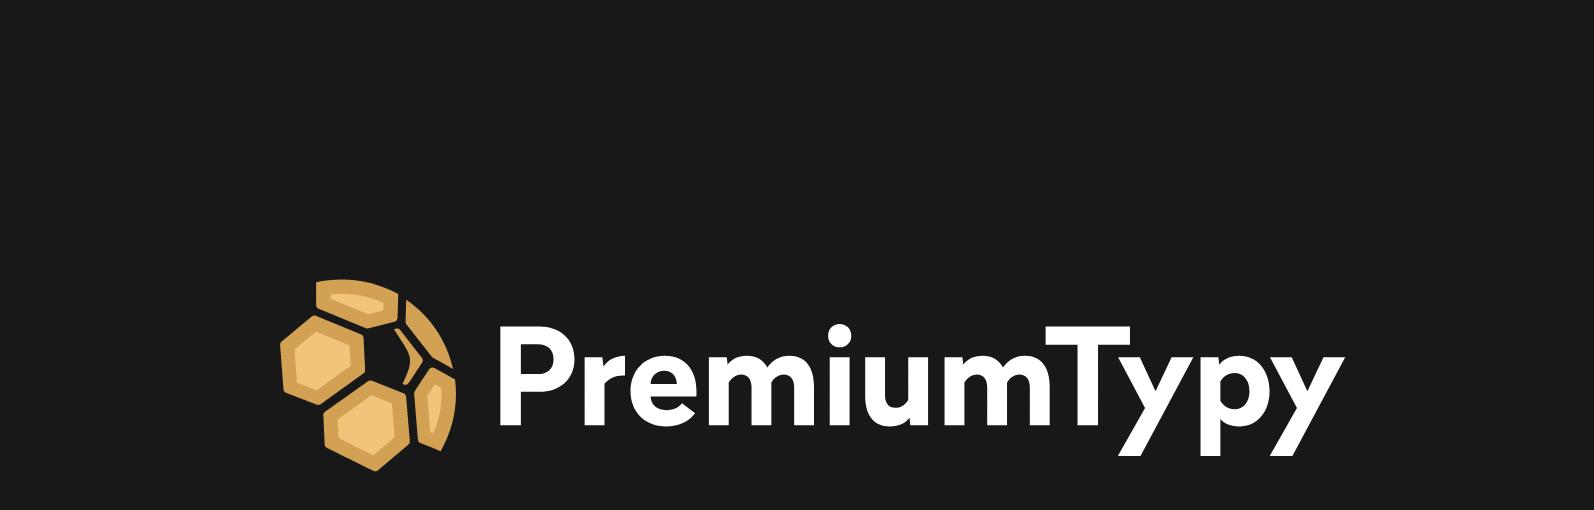 premium-typy